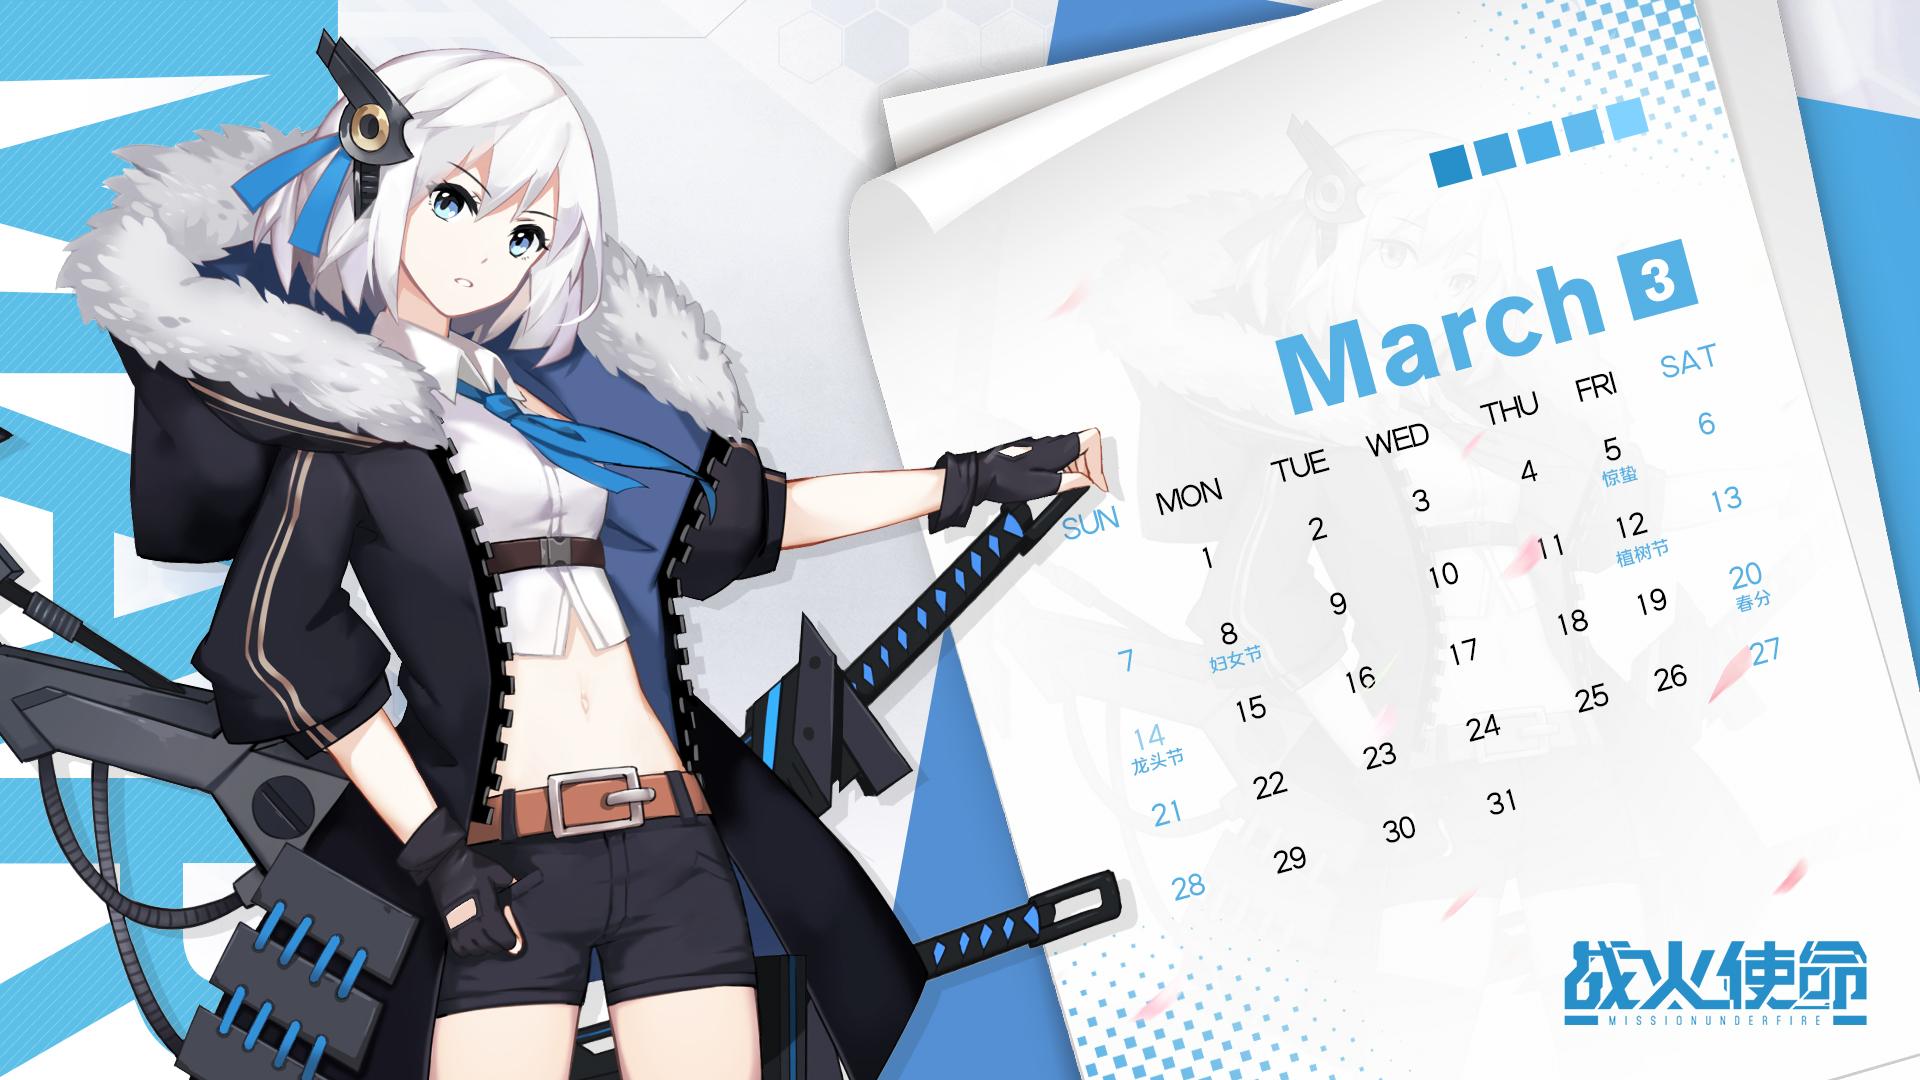 2021年【3月】日历壁纸回馈